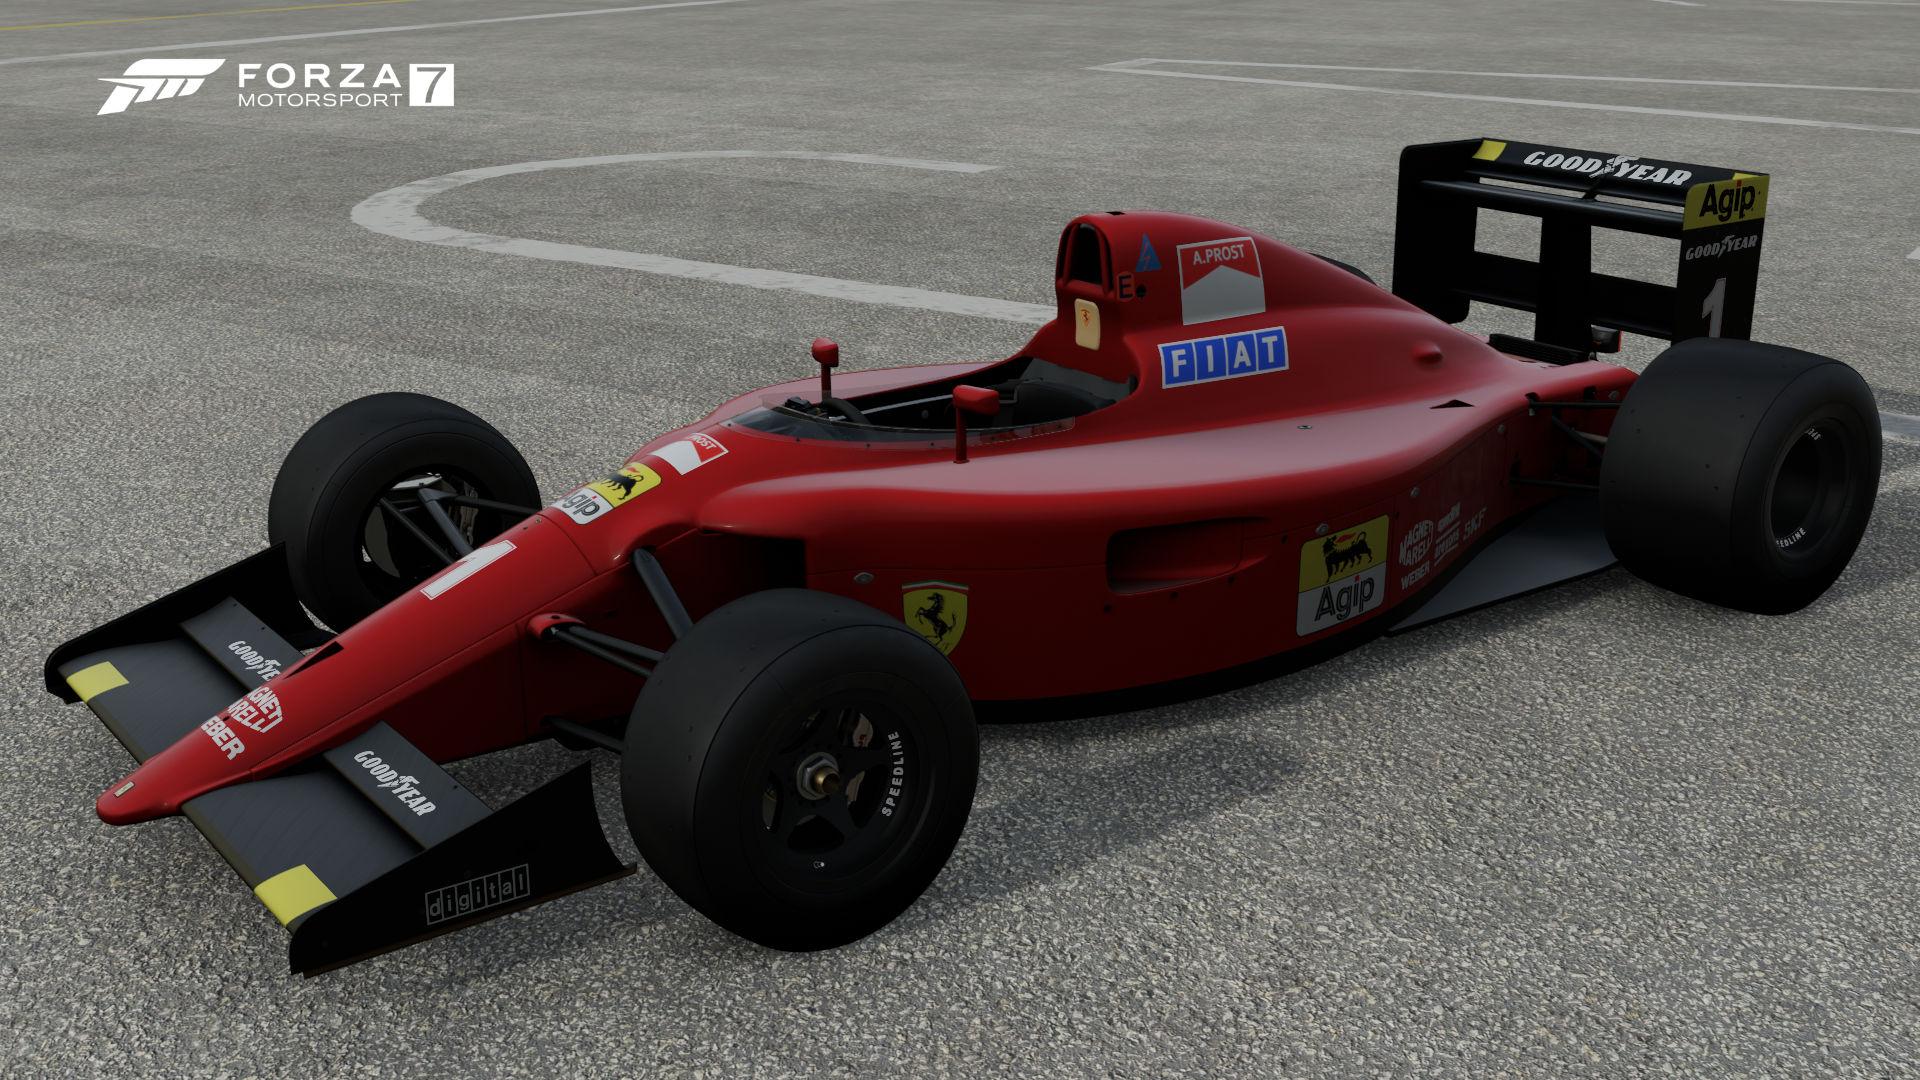 Ferrari #1 Scuderia Ferrari 641